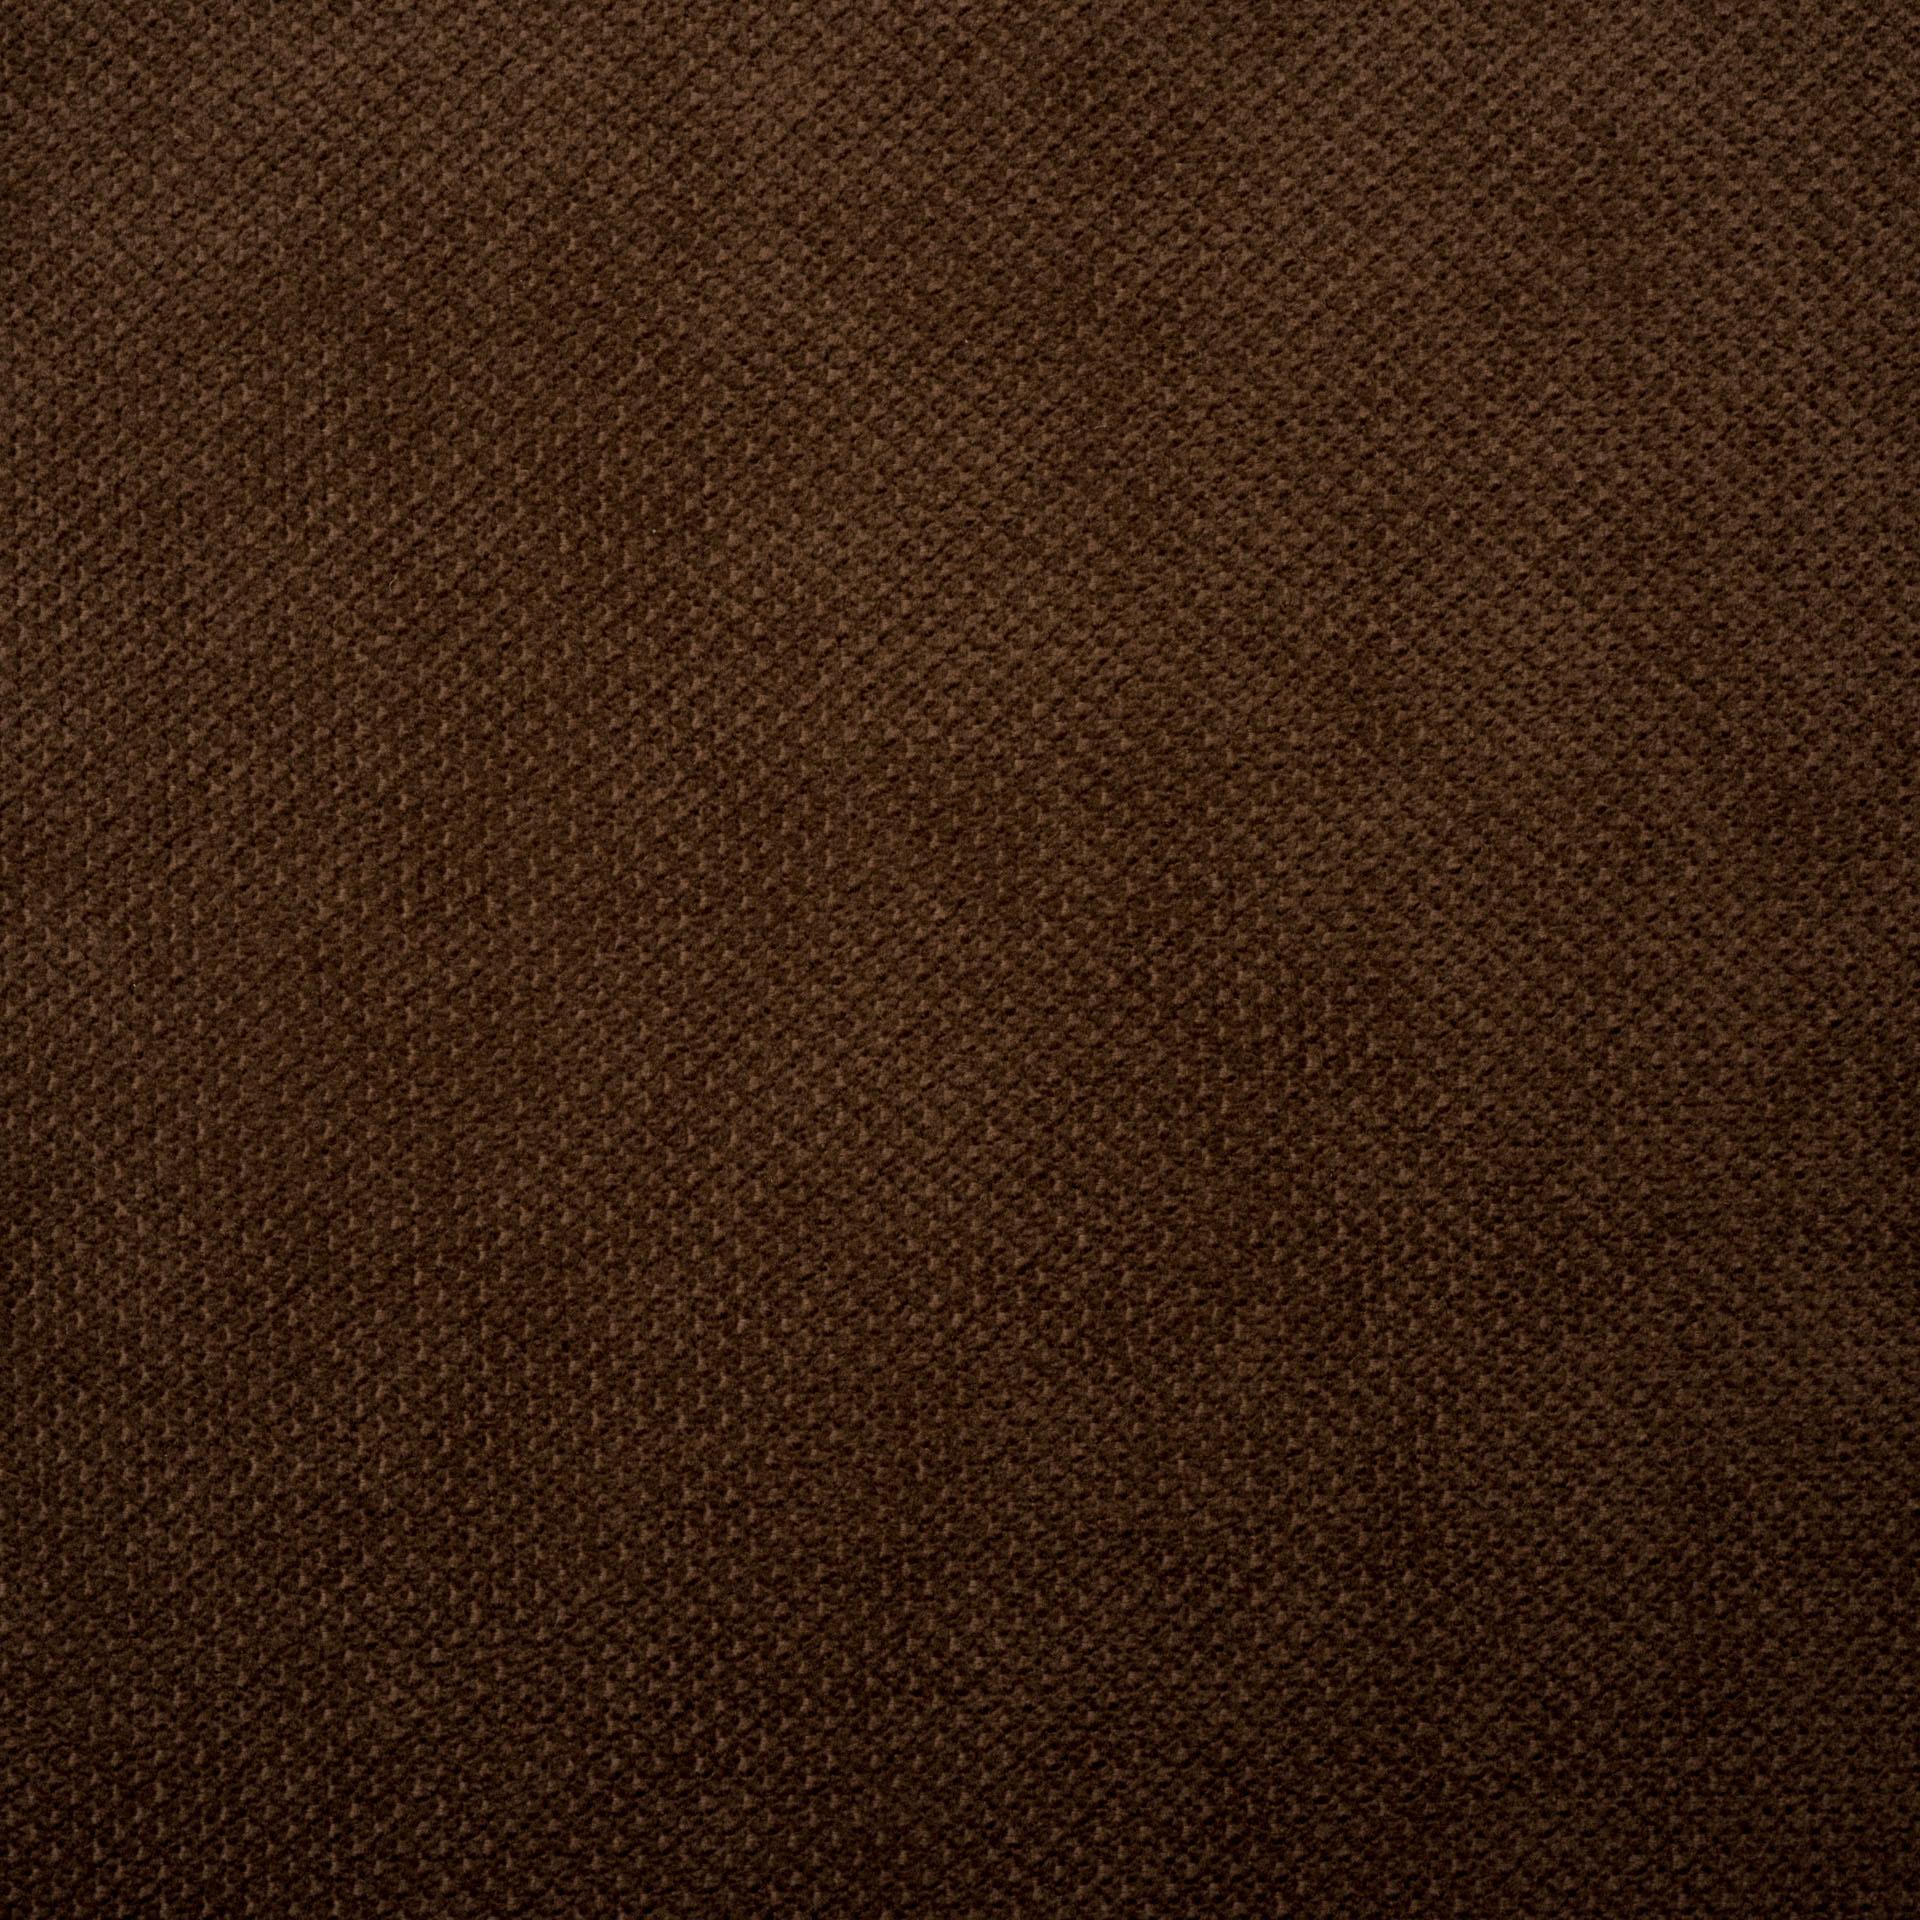 Коллекция ткани Дели 08 BROWN,  купить ткань Жаккард для мебели Украина